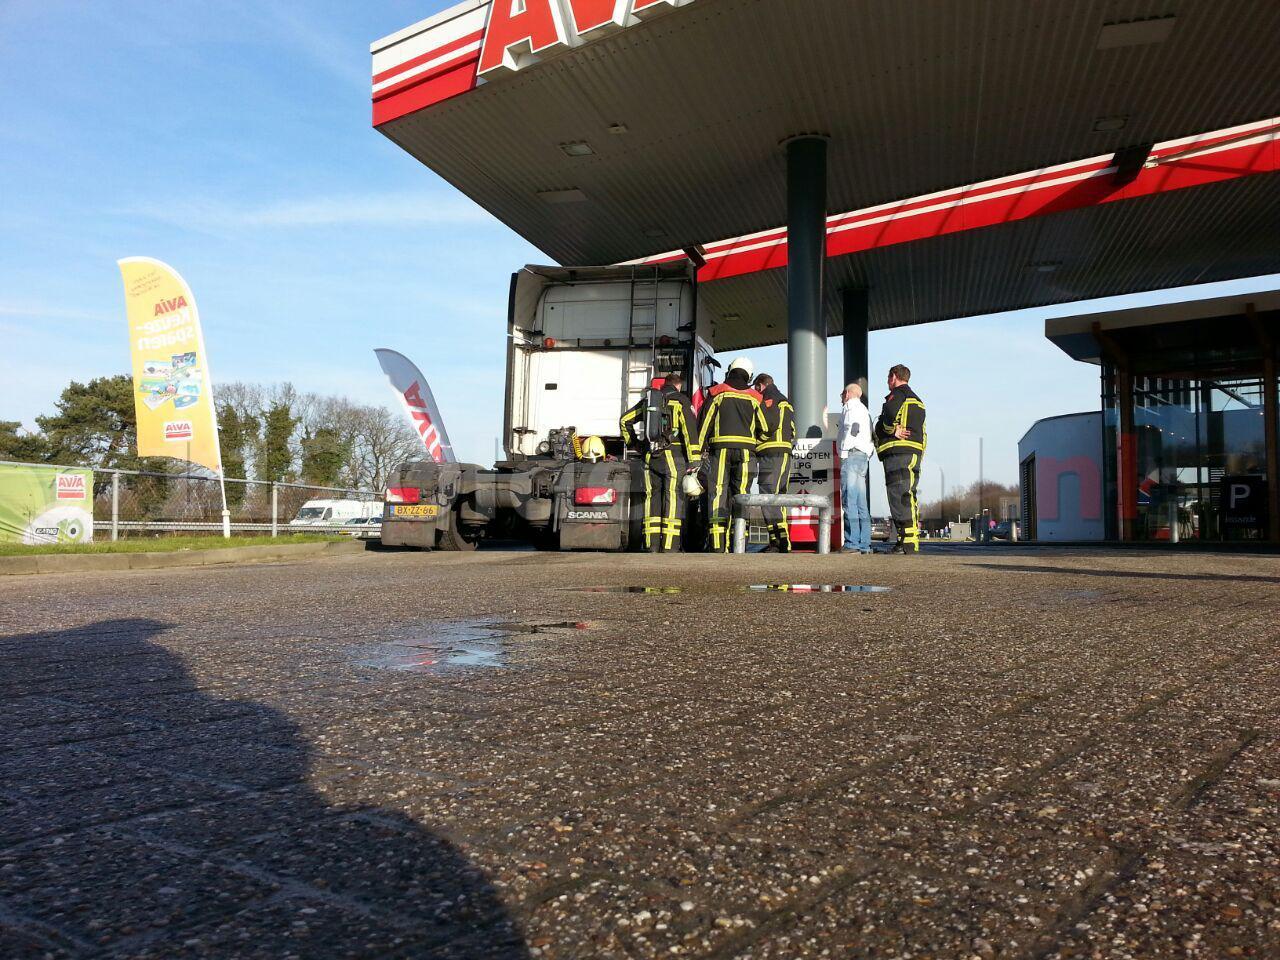 Foto: Vrachtwagen lekt LPG bij tankstation A1 Deurningen, brandweer opgeroepen